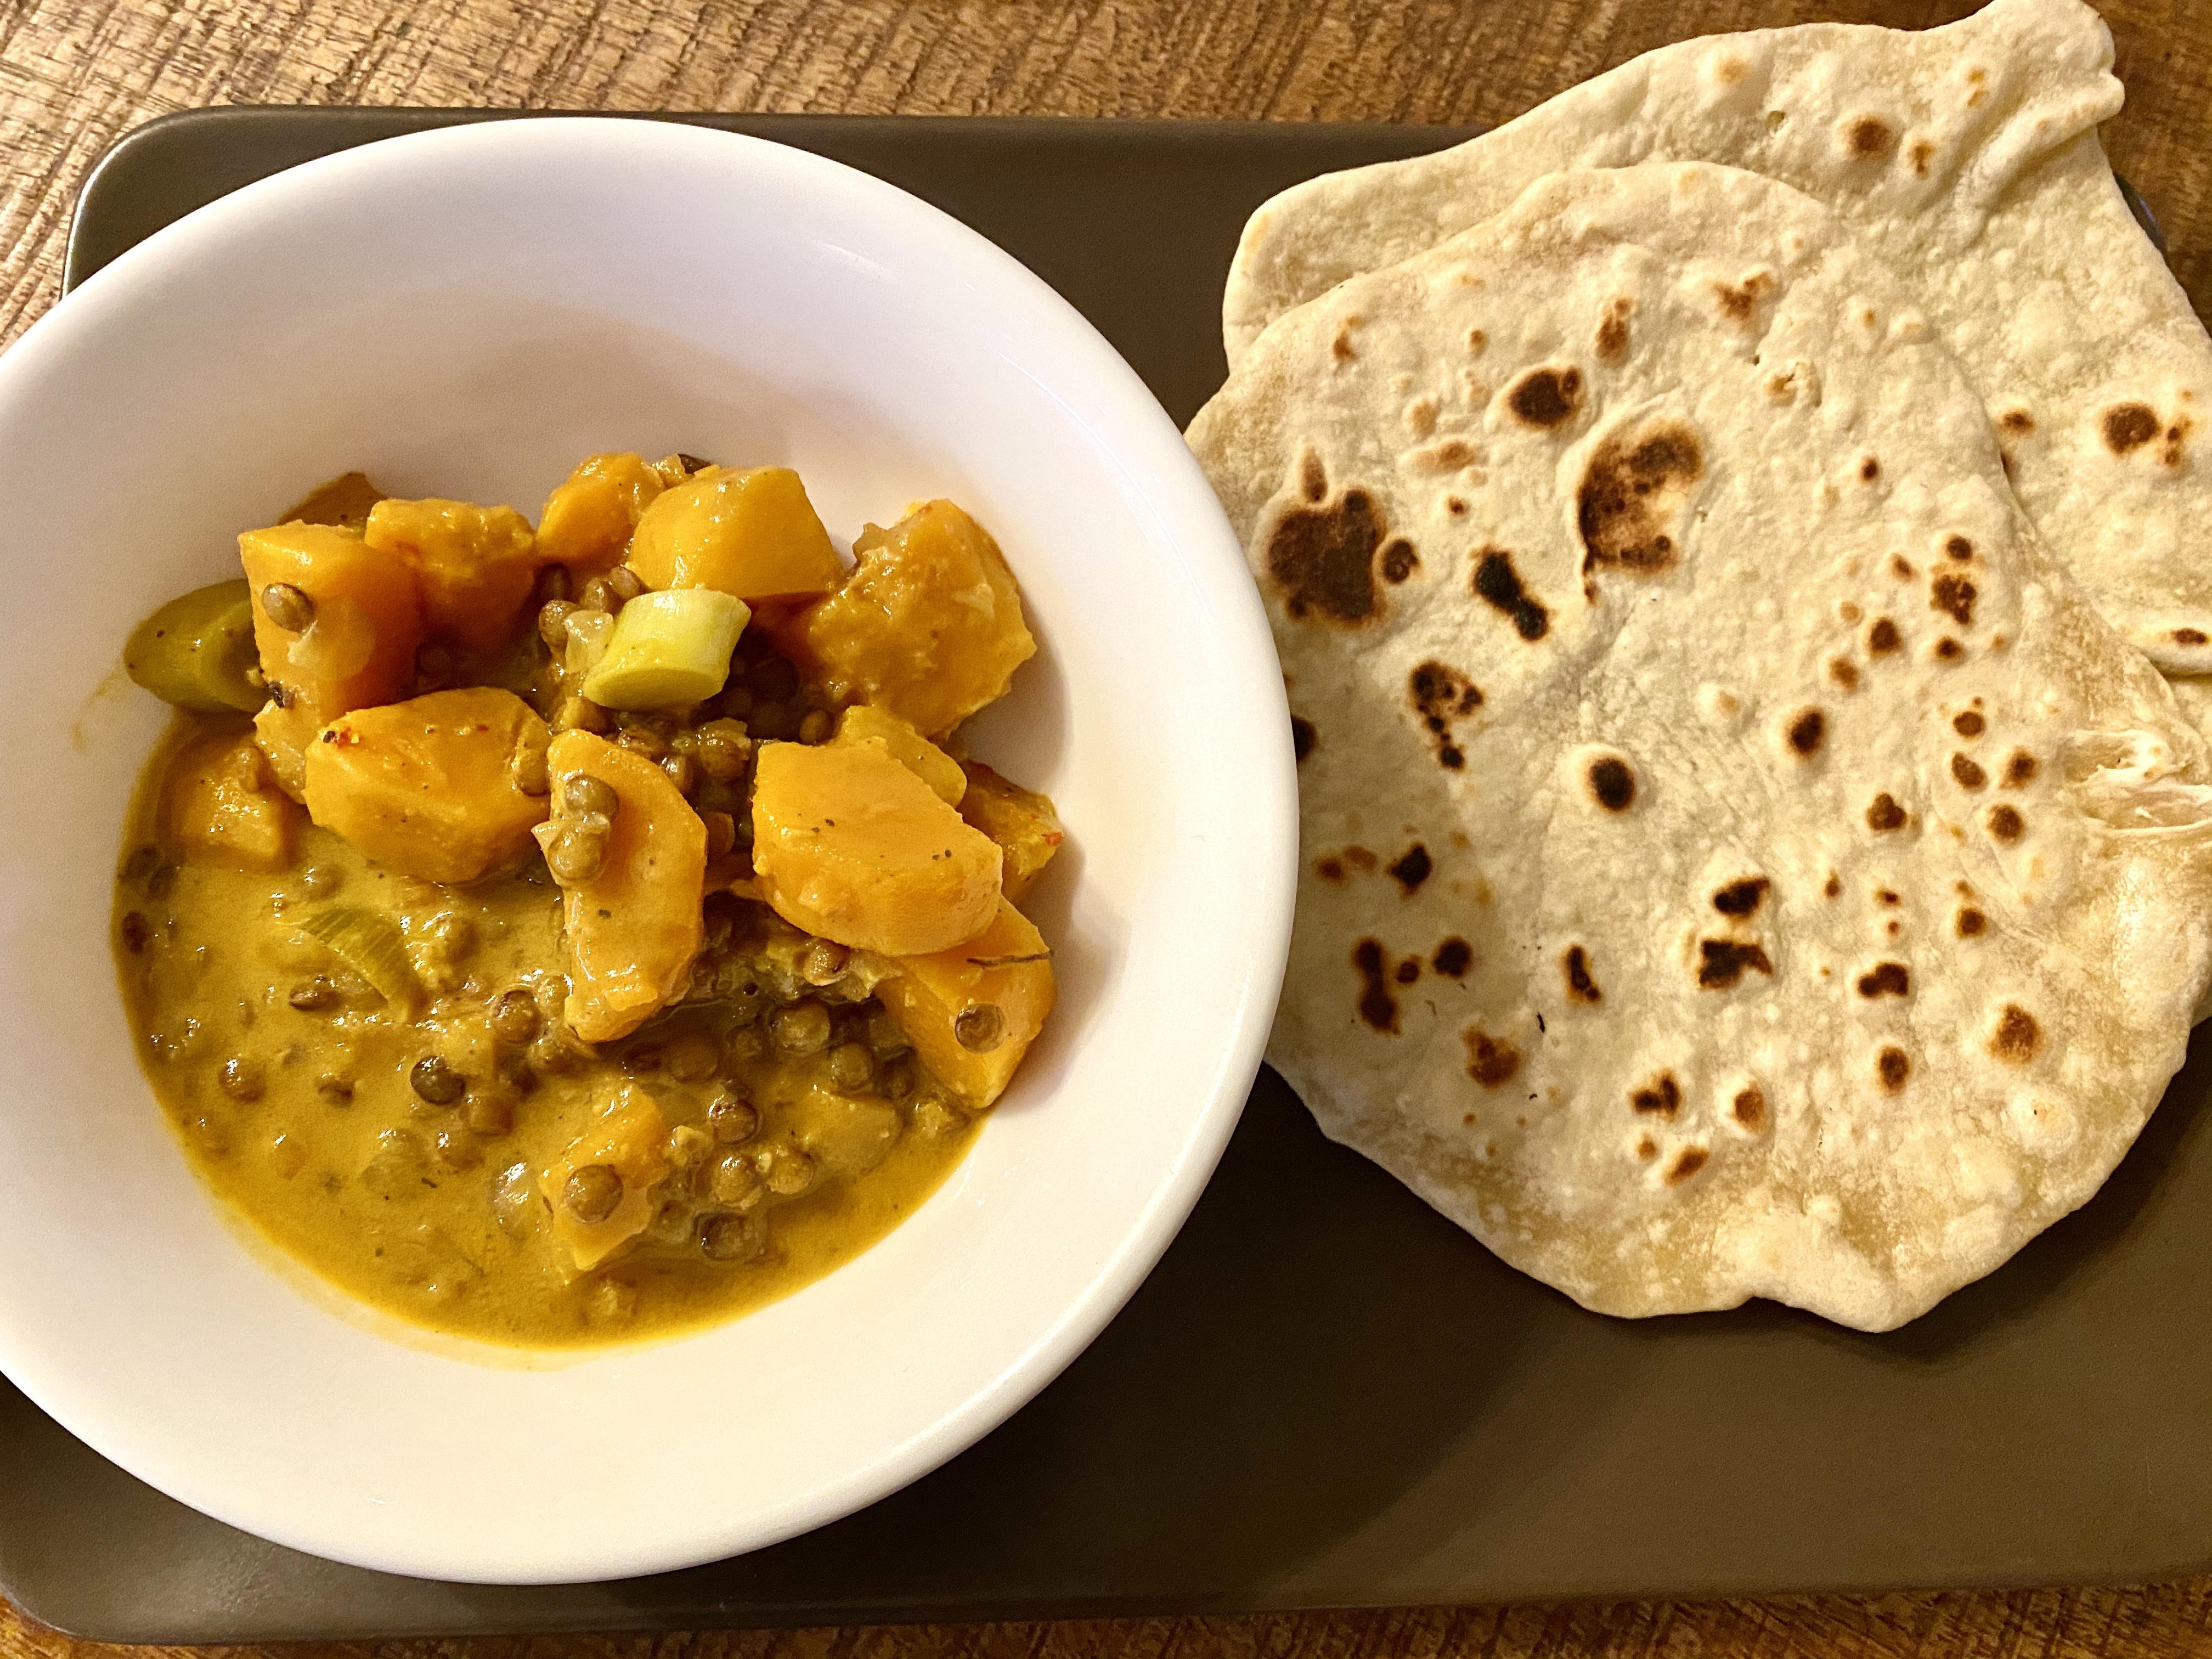 Süßkartoffelcurry mit Naan-Brot